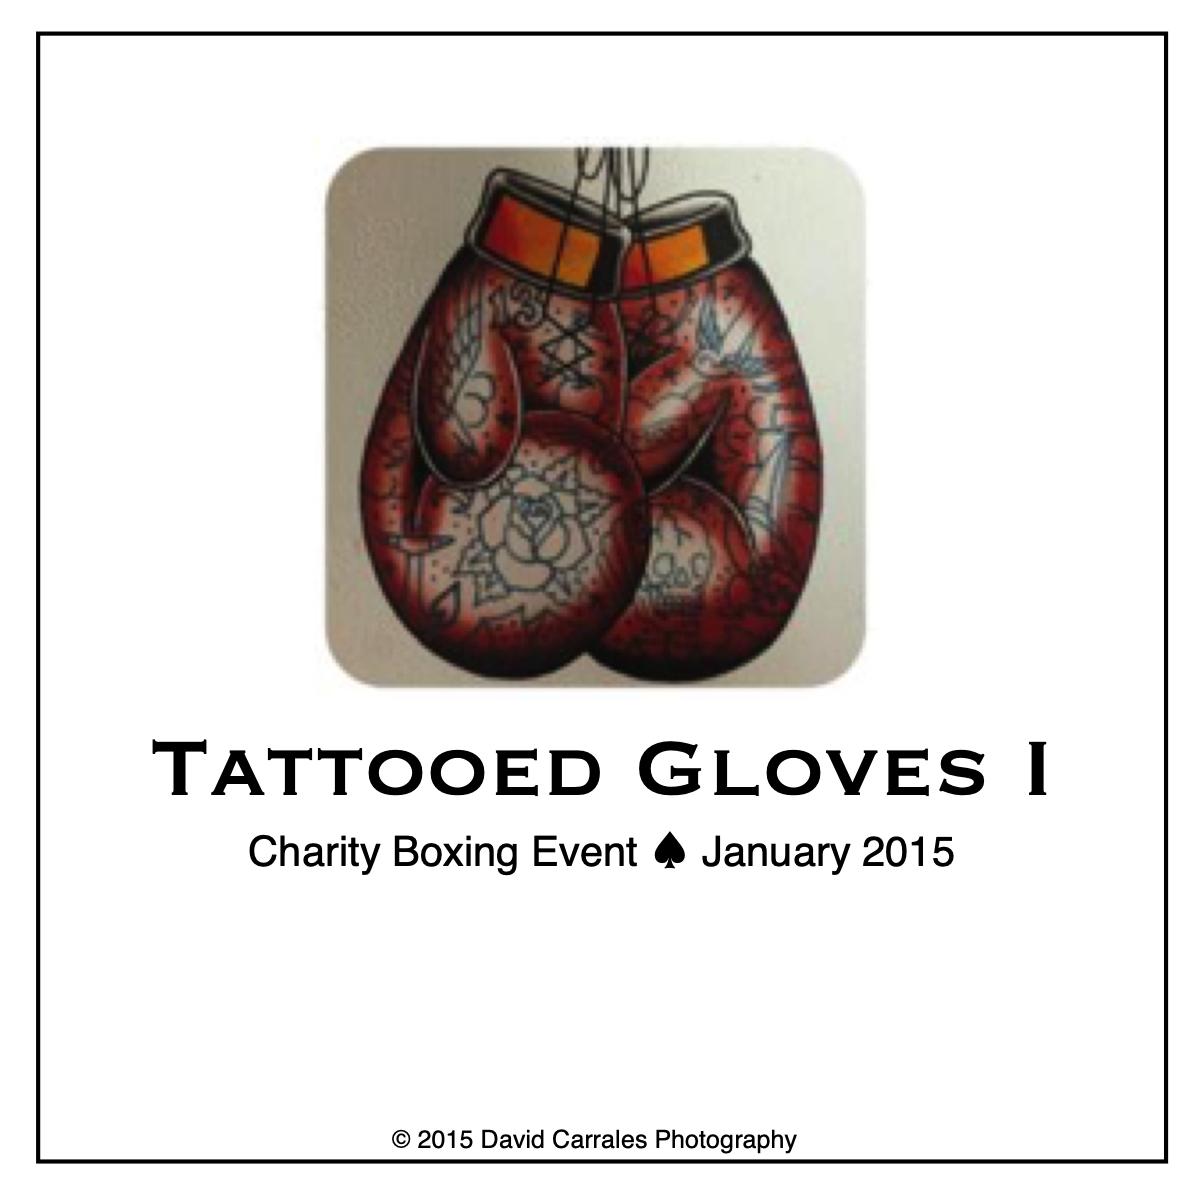 4 x 4 Tattooed Gloves I.jpeg